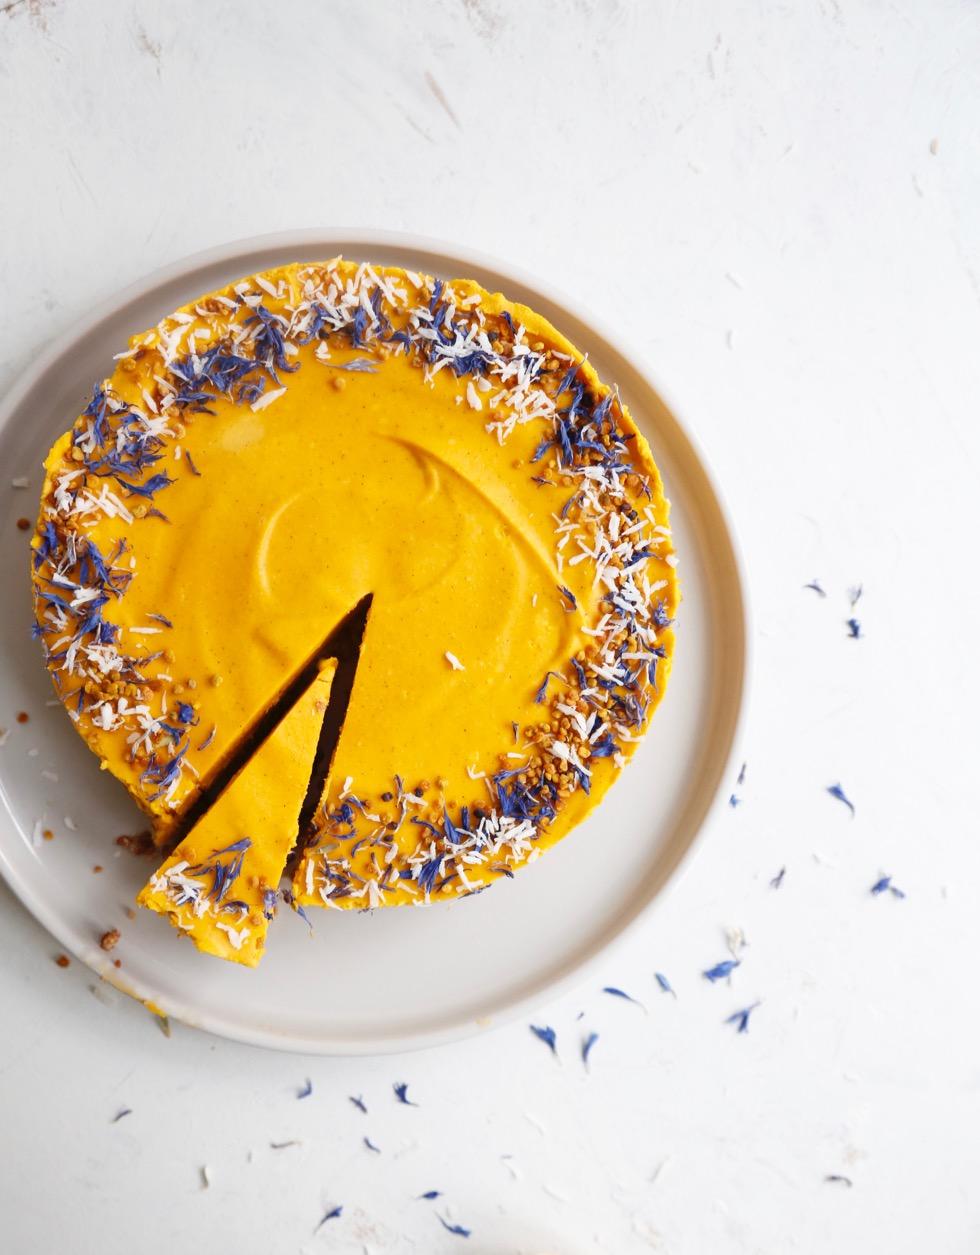 cheesecake-med-kiksebund-og-graeskarcreme-v-gf-2